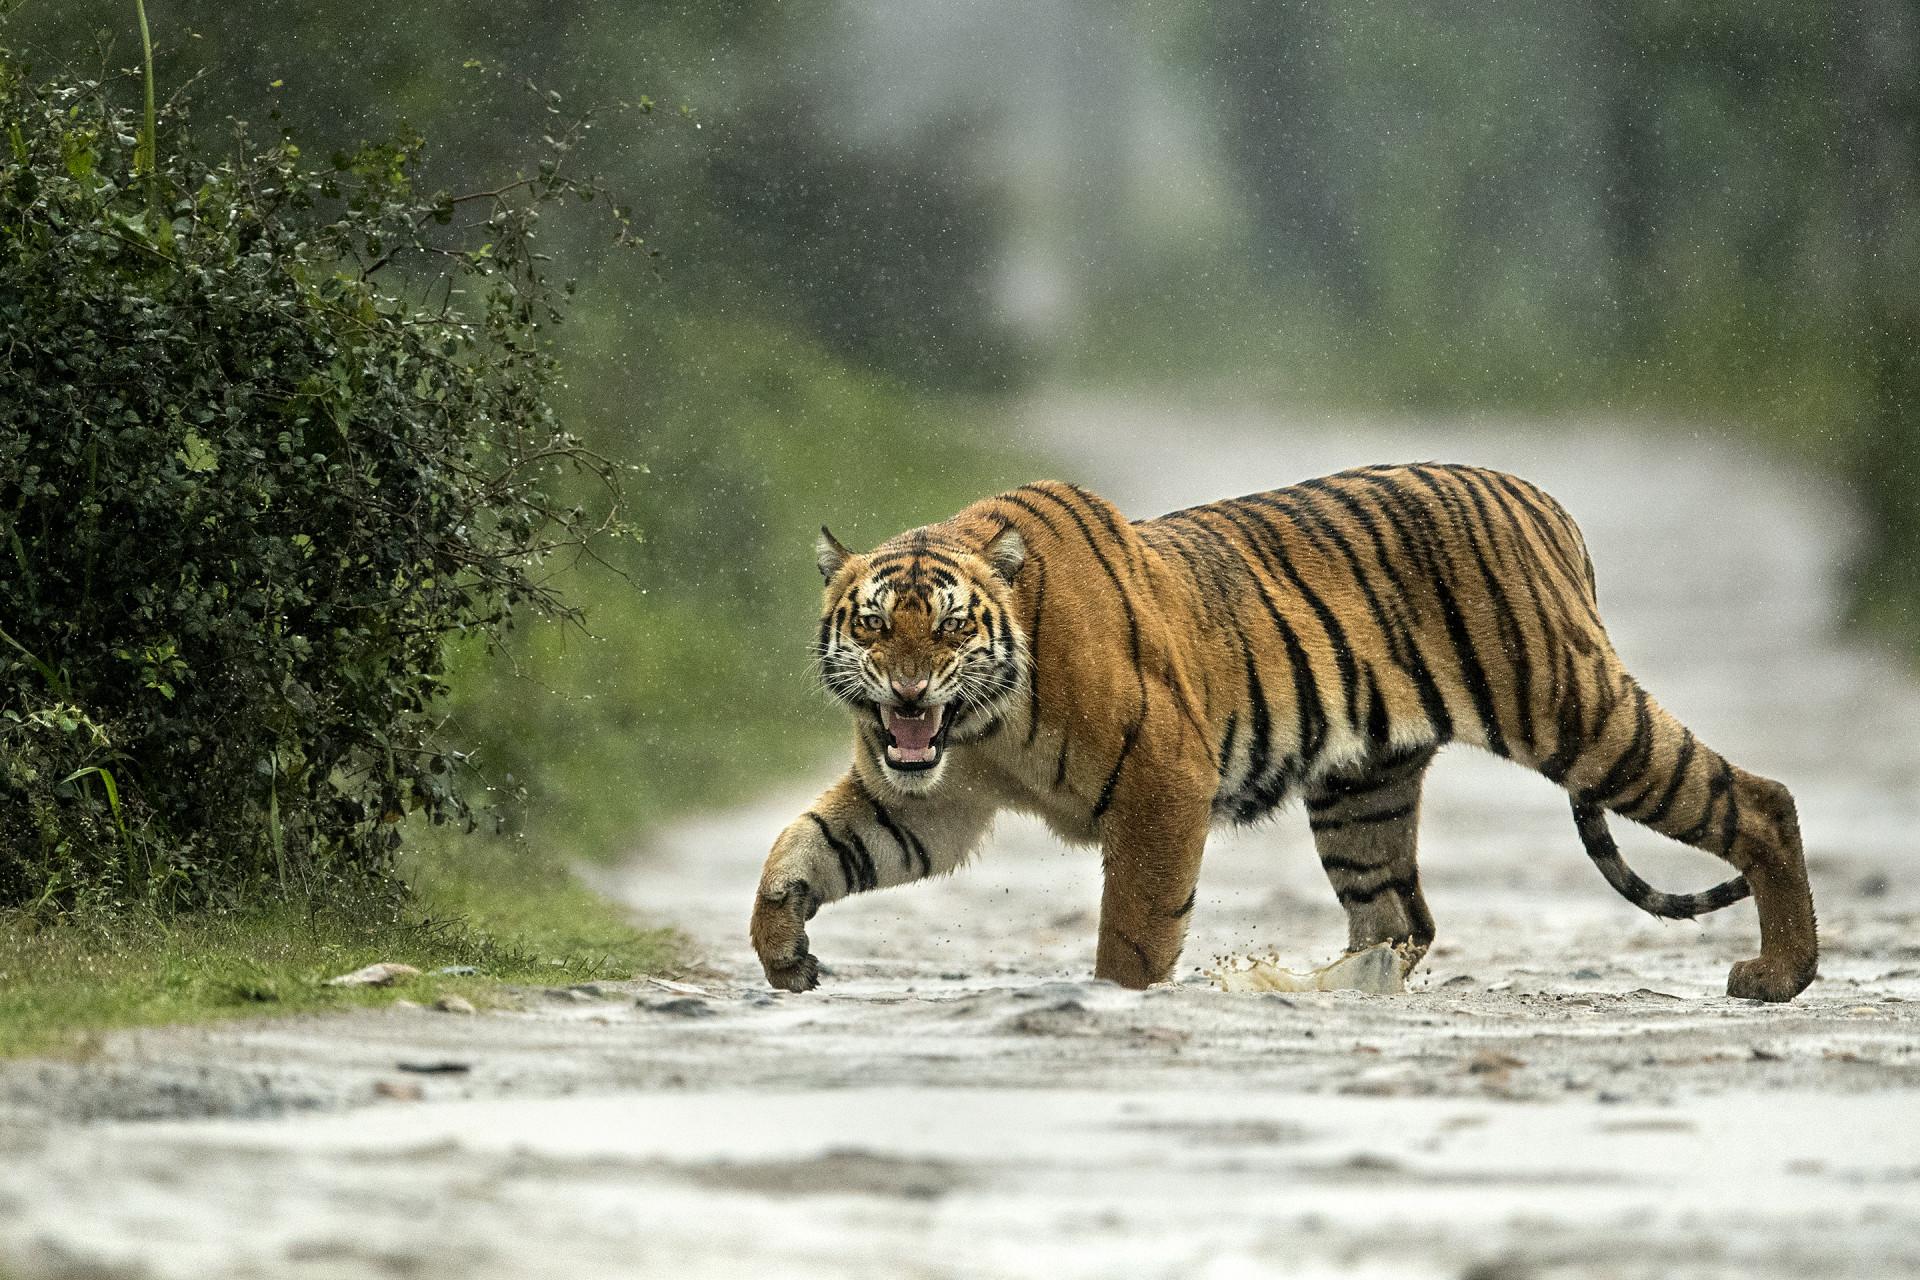 Tiger in Rain